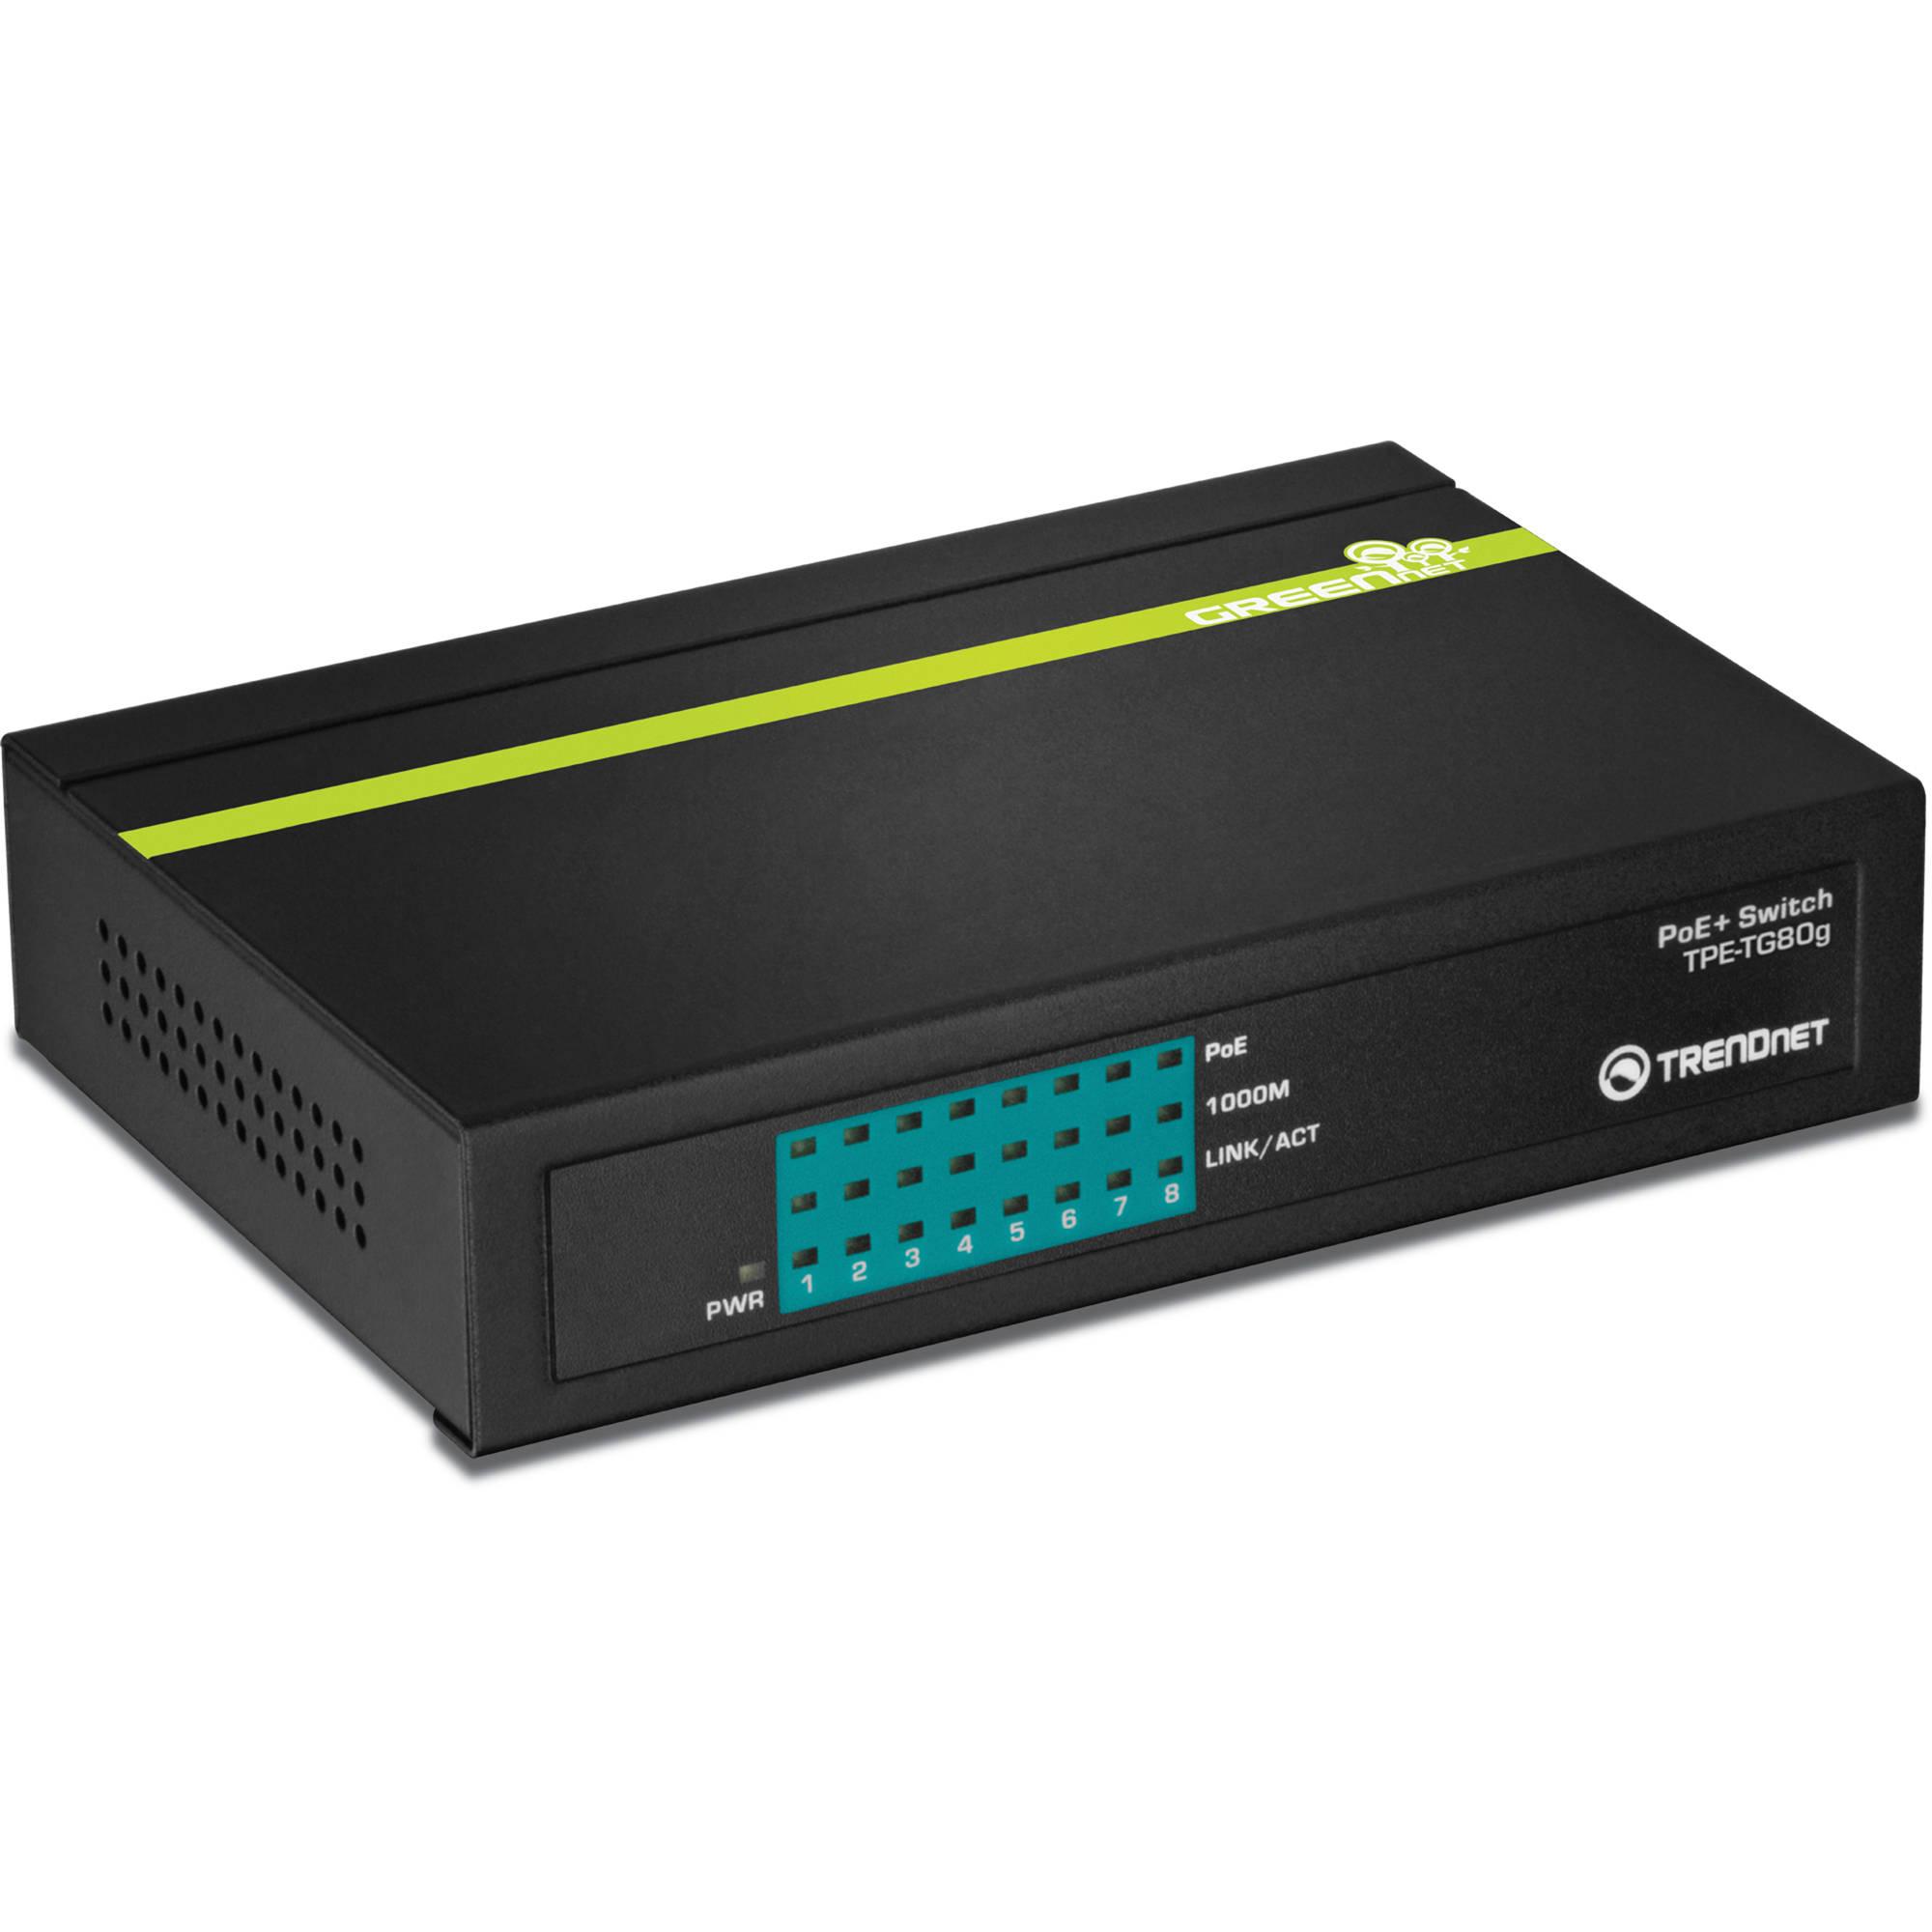 TRENDnet TPE-TG80G 8-Port Gigabit GREENnet PoE+ Switch TPE-TG80G